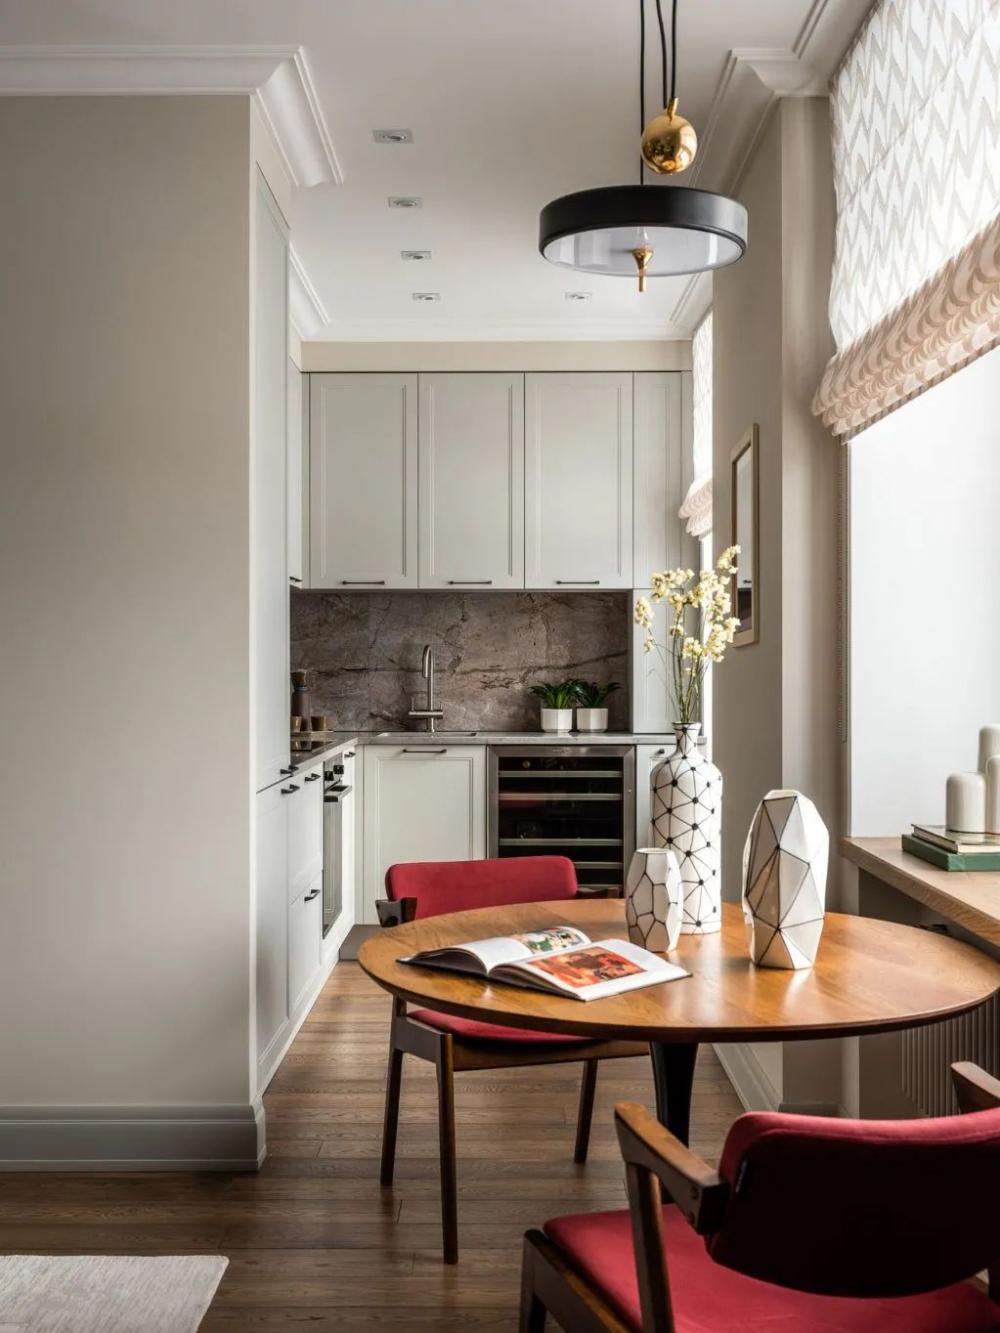 """Những """"tuyệt chiêu"""" thiết kế cho căn bếp 4-5m2, không gian nhỏ mà hiệu quả sử dụng vẫn hoàn hảo - Ảnh 1."""